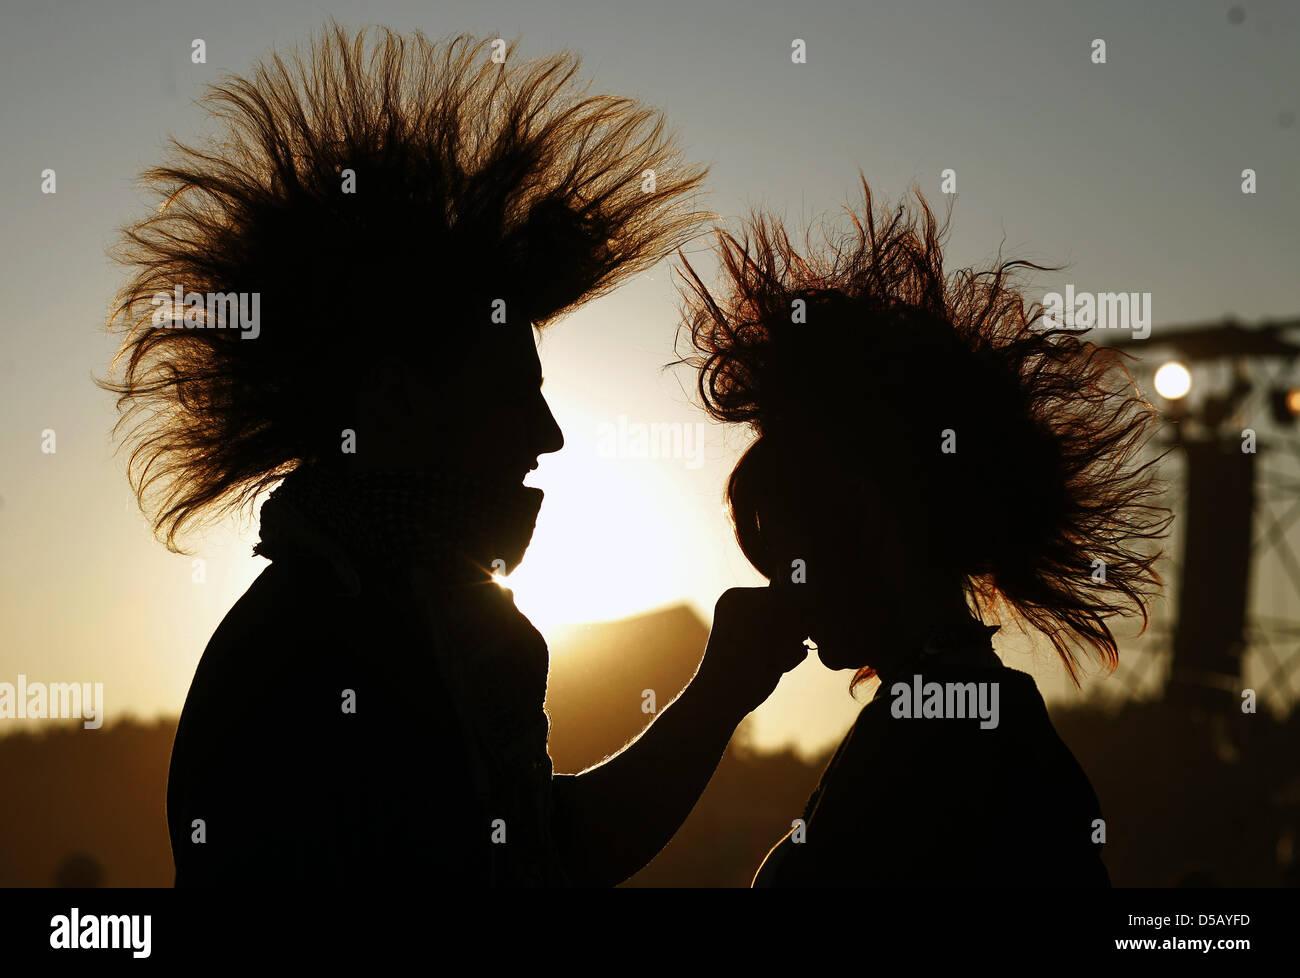 (Dpa) file di un file immagine datata 31 luglio 2009 di un paio in la retroilluminazione durante il Festival di Immagini Stock